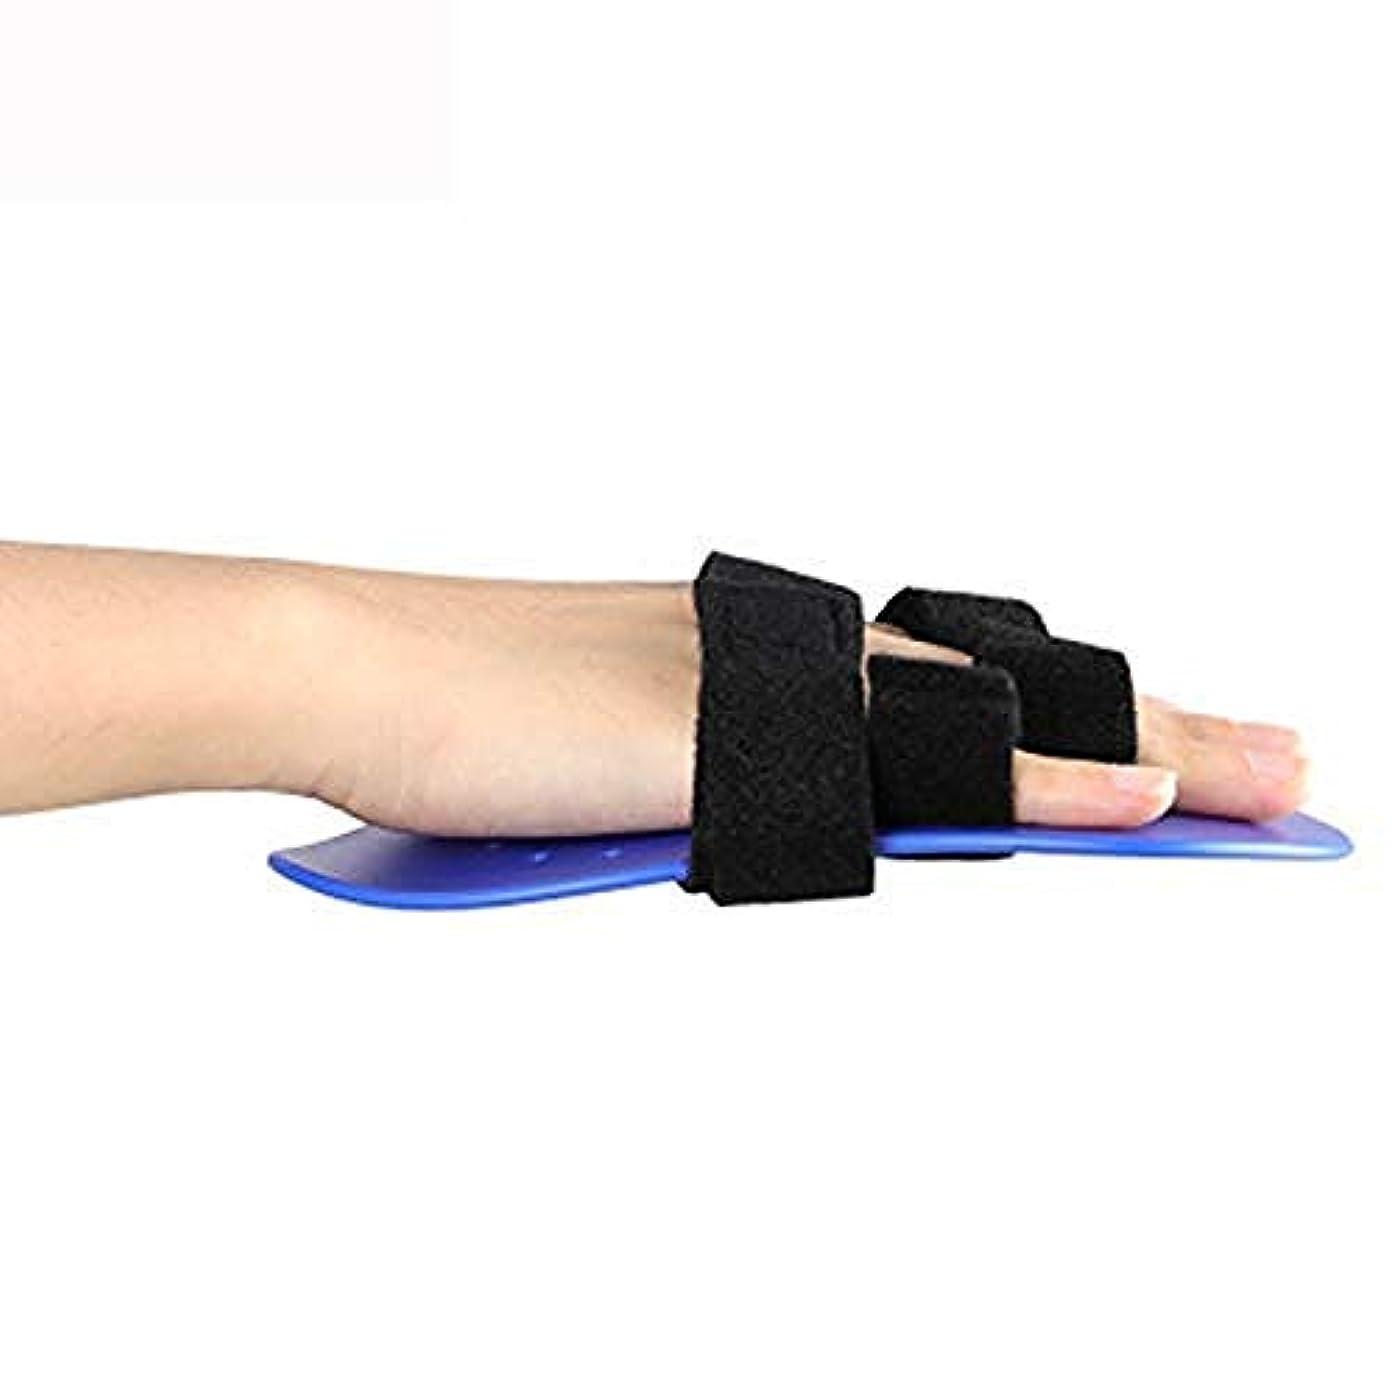 注ぎます作者すり減るトリガー指副木、手首支持装置指セパレーター装具手根管関節痛緩和装具,Left Hand-S